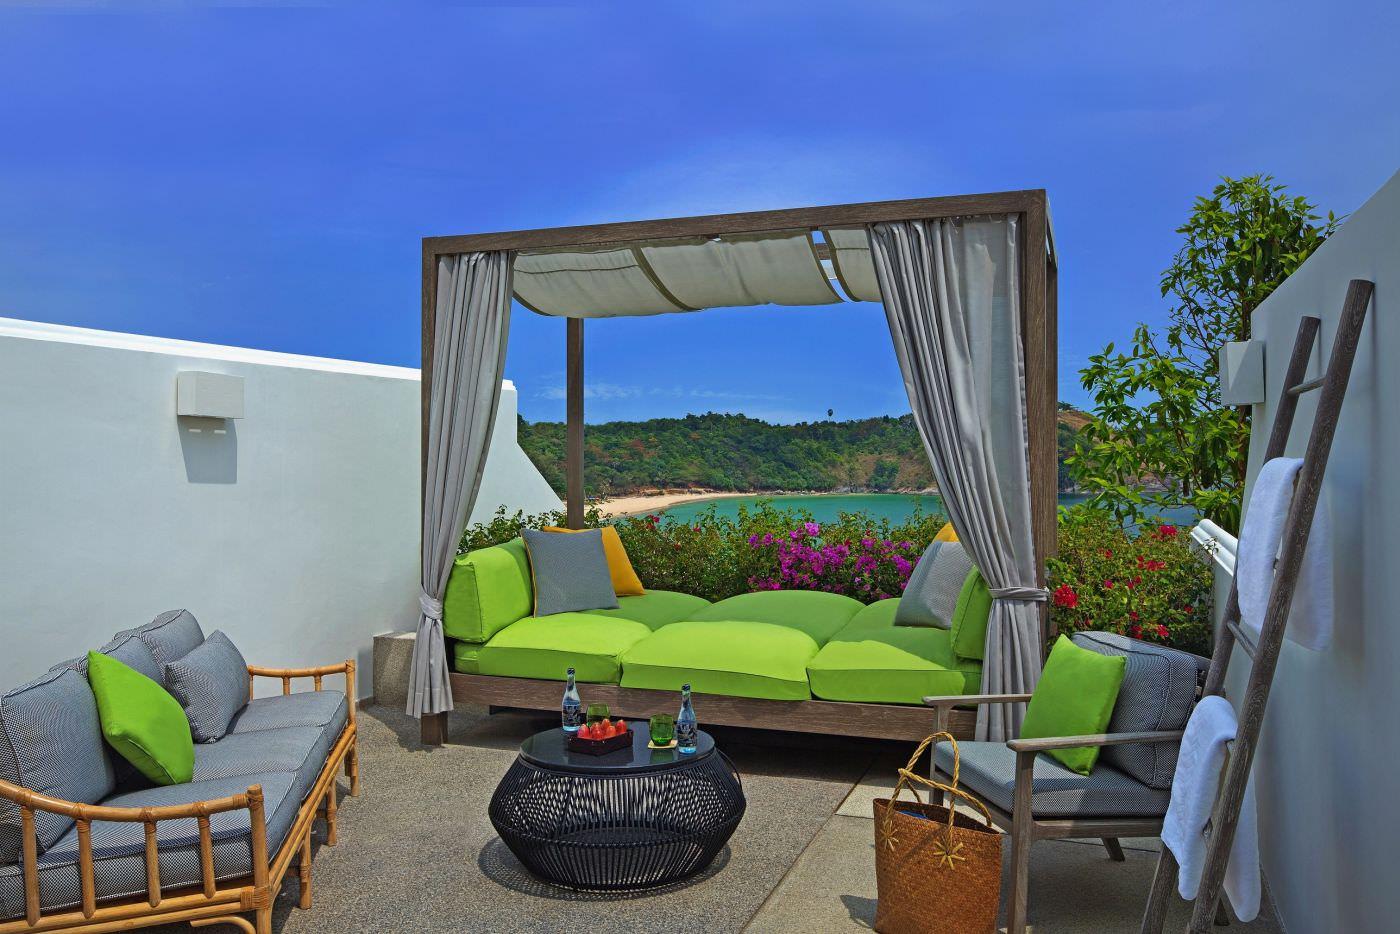 luxushotel the nai harn bei gernreisen buchen. Black Bedroom Furniture Sets. Home Design Ideas